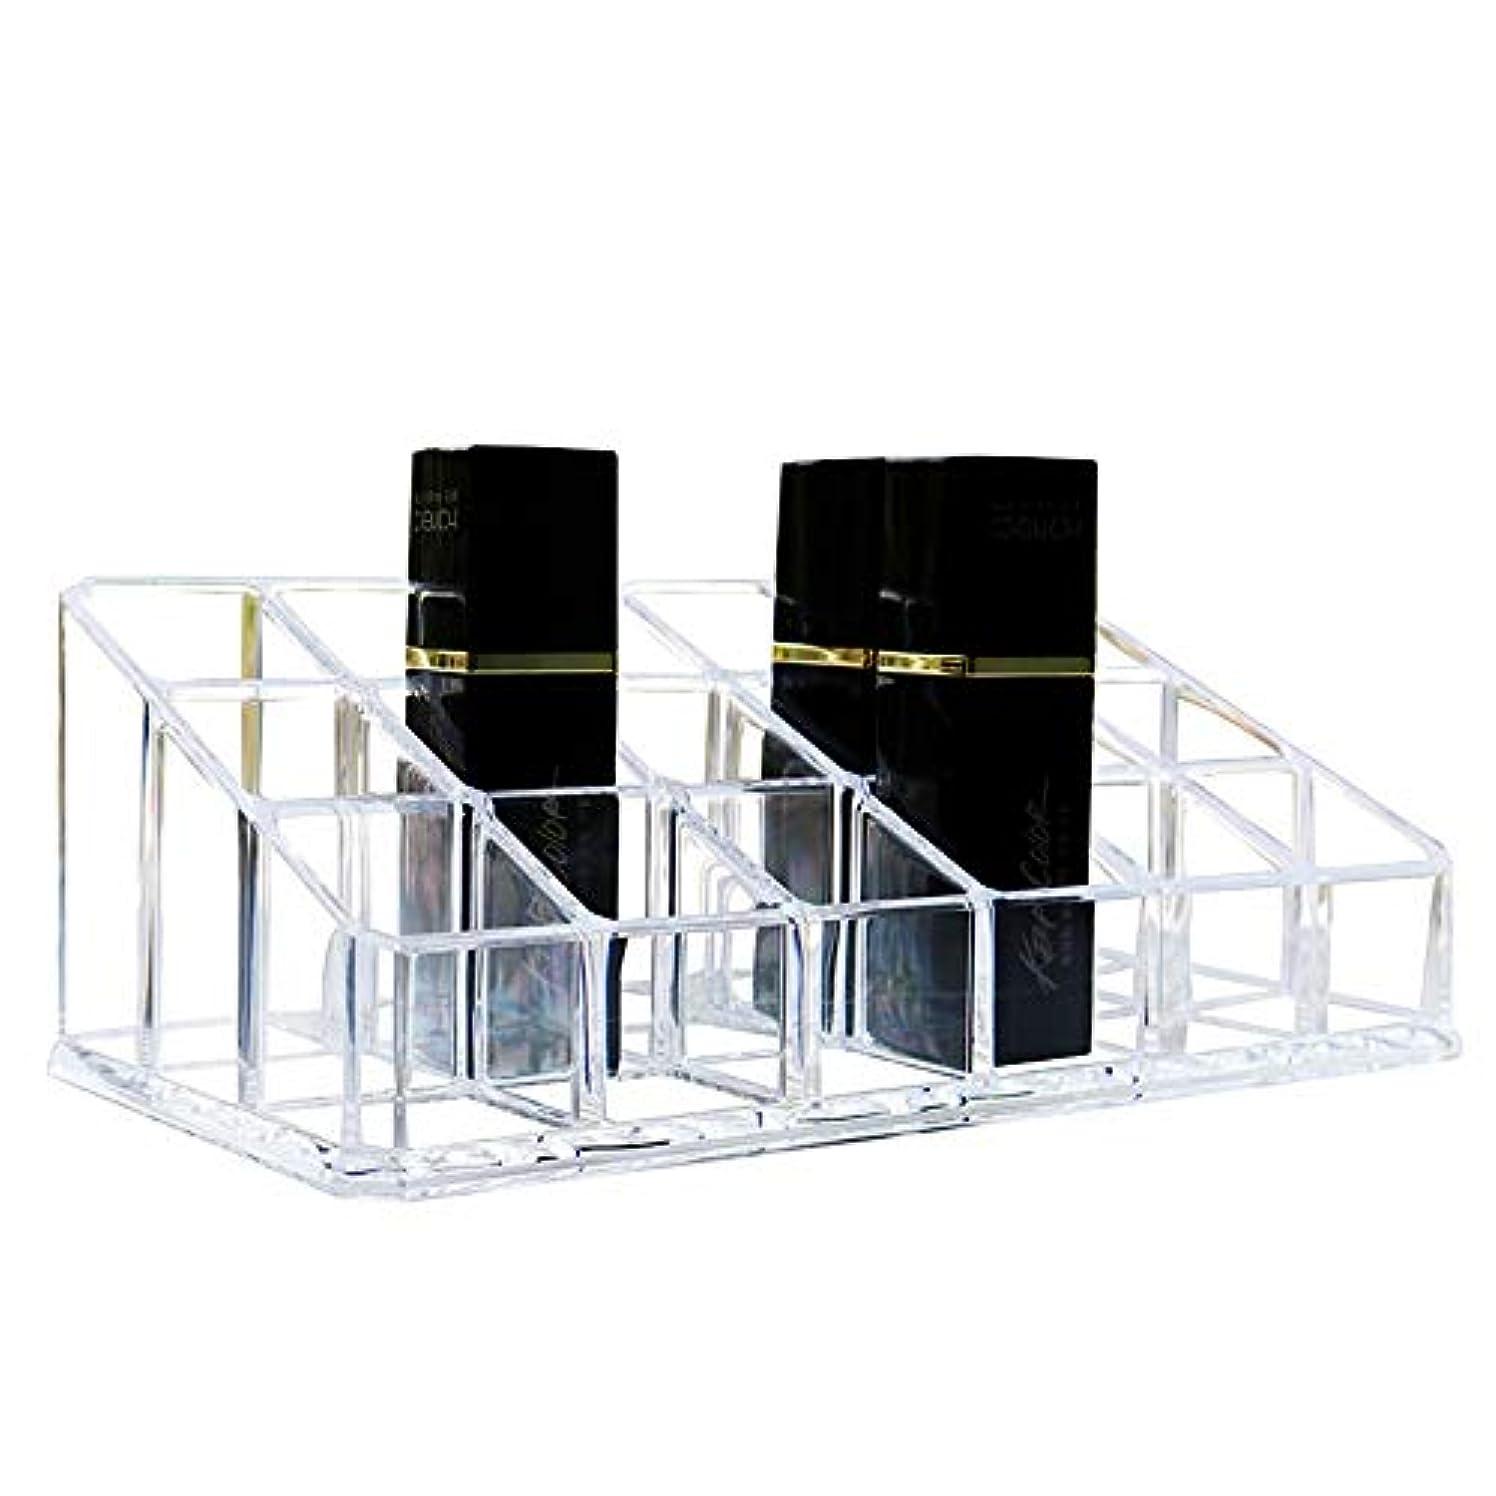 失速の間に好きである整理簡単 シンプルな口紅収納クリア18コンパートメント化粧口紅化粧品ディスプレイスタンドラックホルダーオーガナイザー (Color : Clear, Size : 17.4*9*6.3CM)